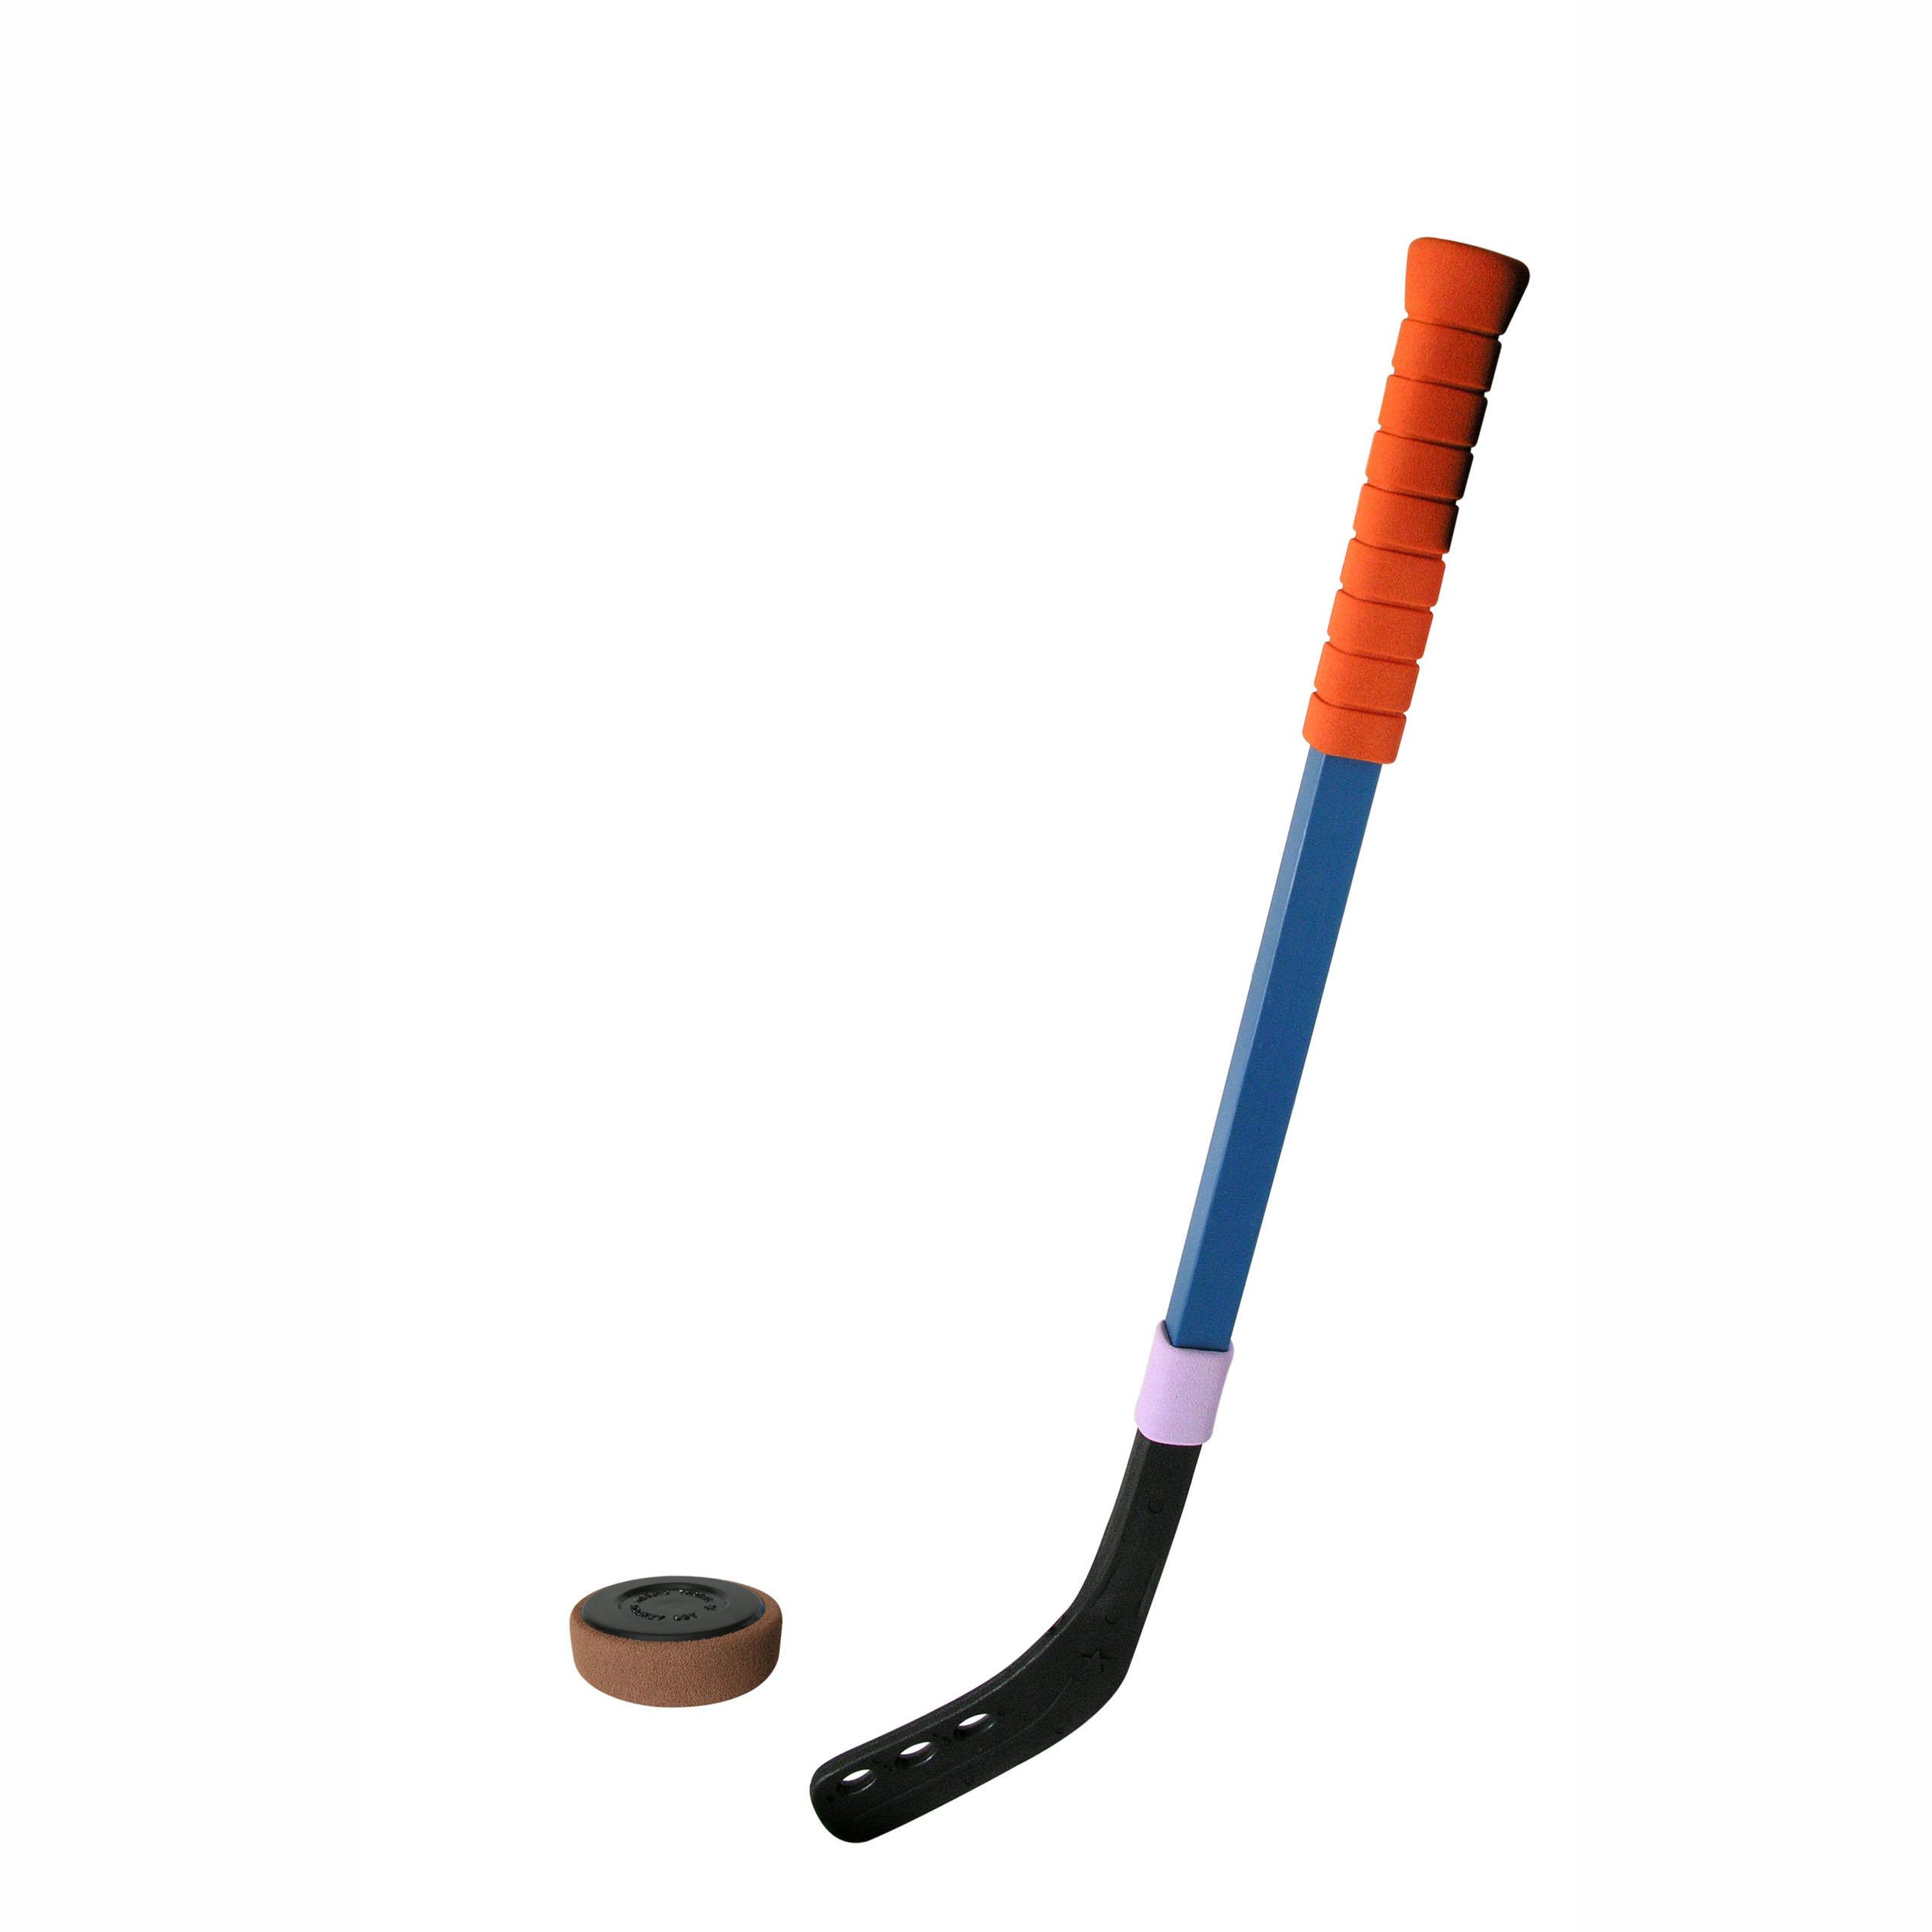 Игровой набор для хоккея - Клюшка и шайбаНастольный хоккей<br>Игровой набор для хоккея - Клюшка и шайба<br>